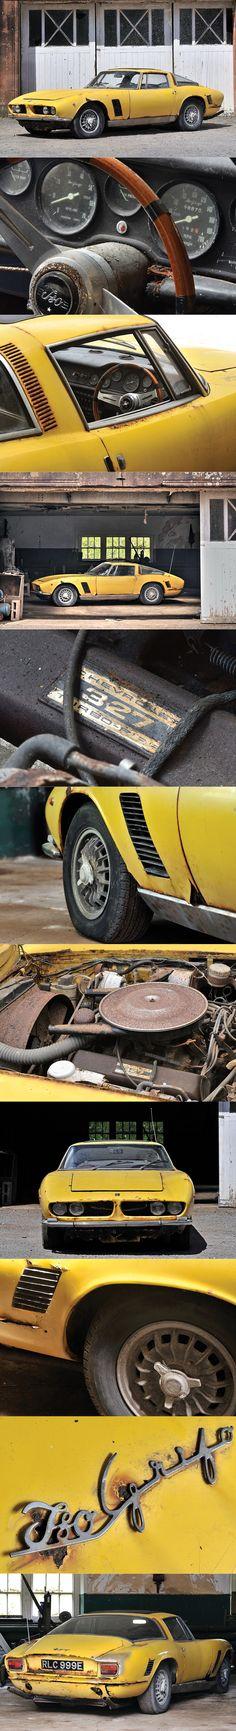 1967 Iso Grifo GL Series 1 / barfind / Giorgetto Giugiaro @ Bertone / 327 Chevrolet V8 / yellow / Italy / 17-294